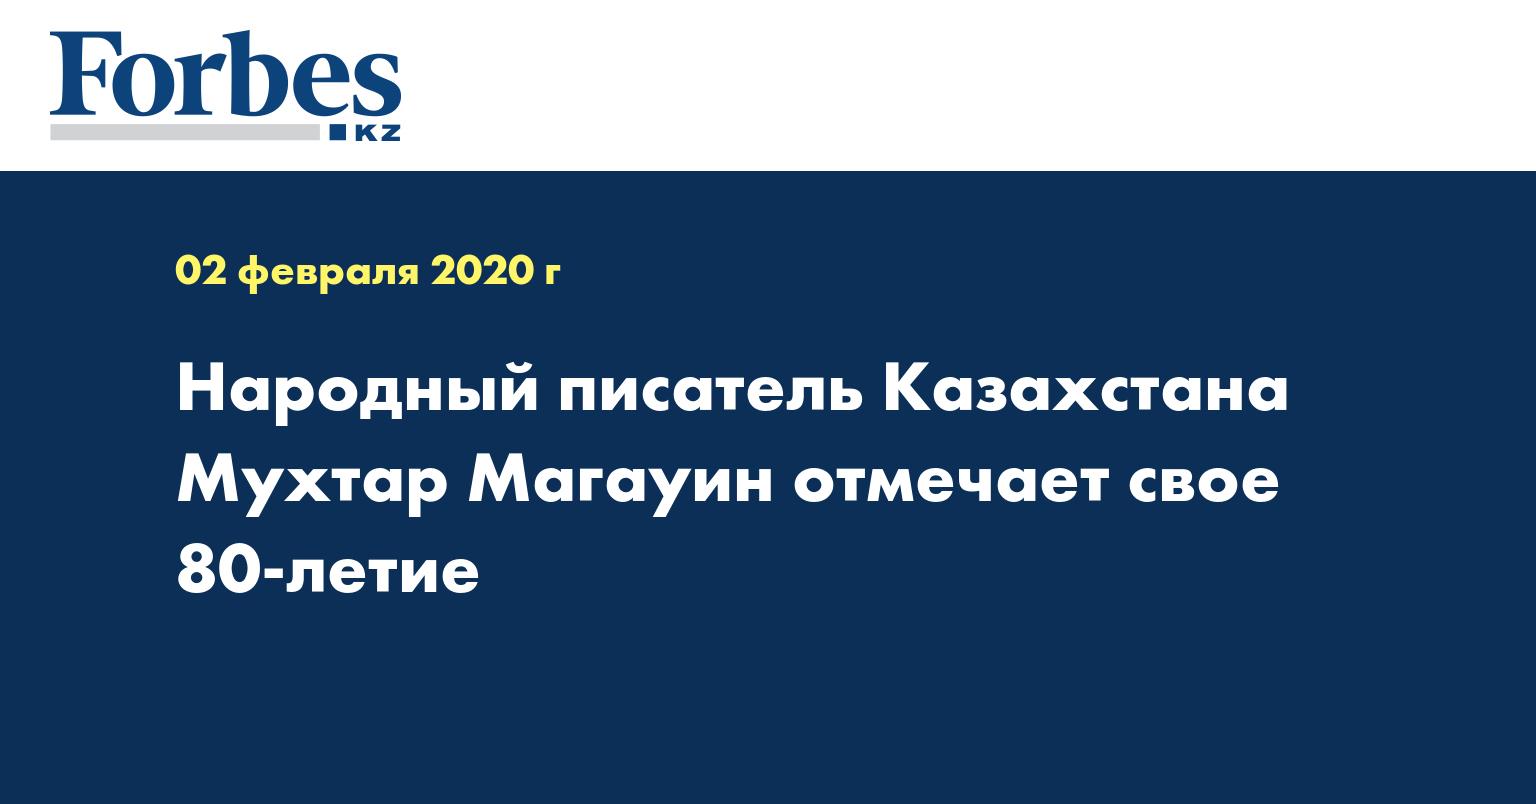 Народный писатель Казахстана Мухтар Магауин отмечает свое 80-летие